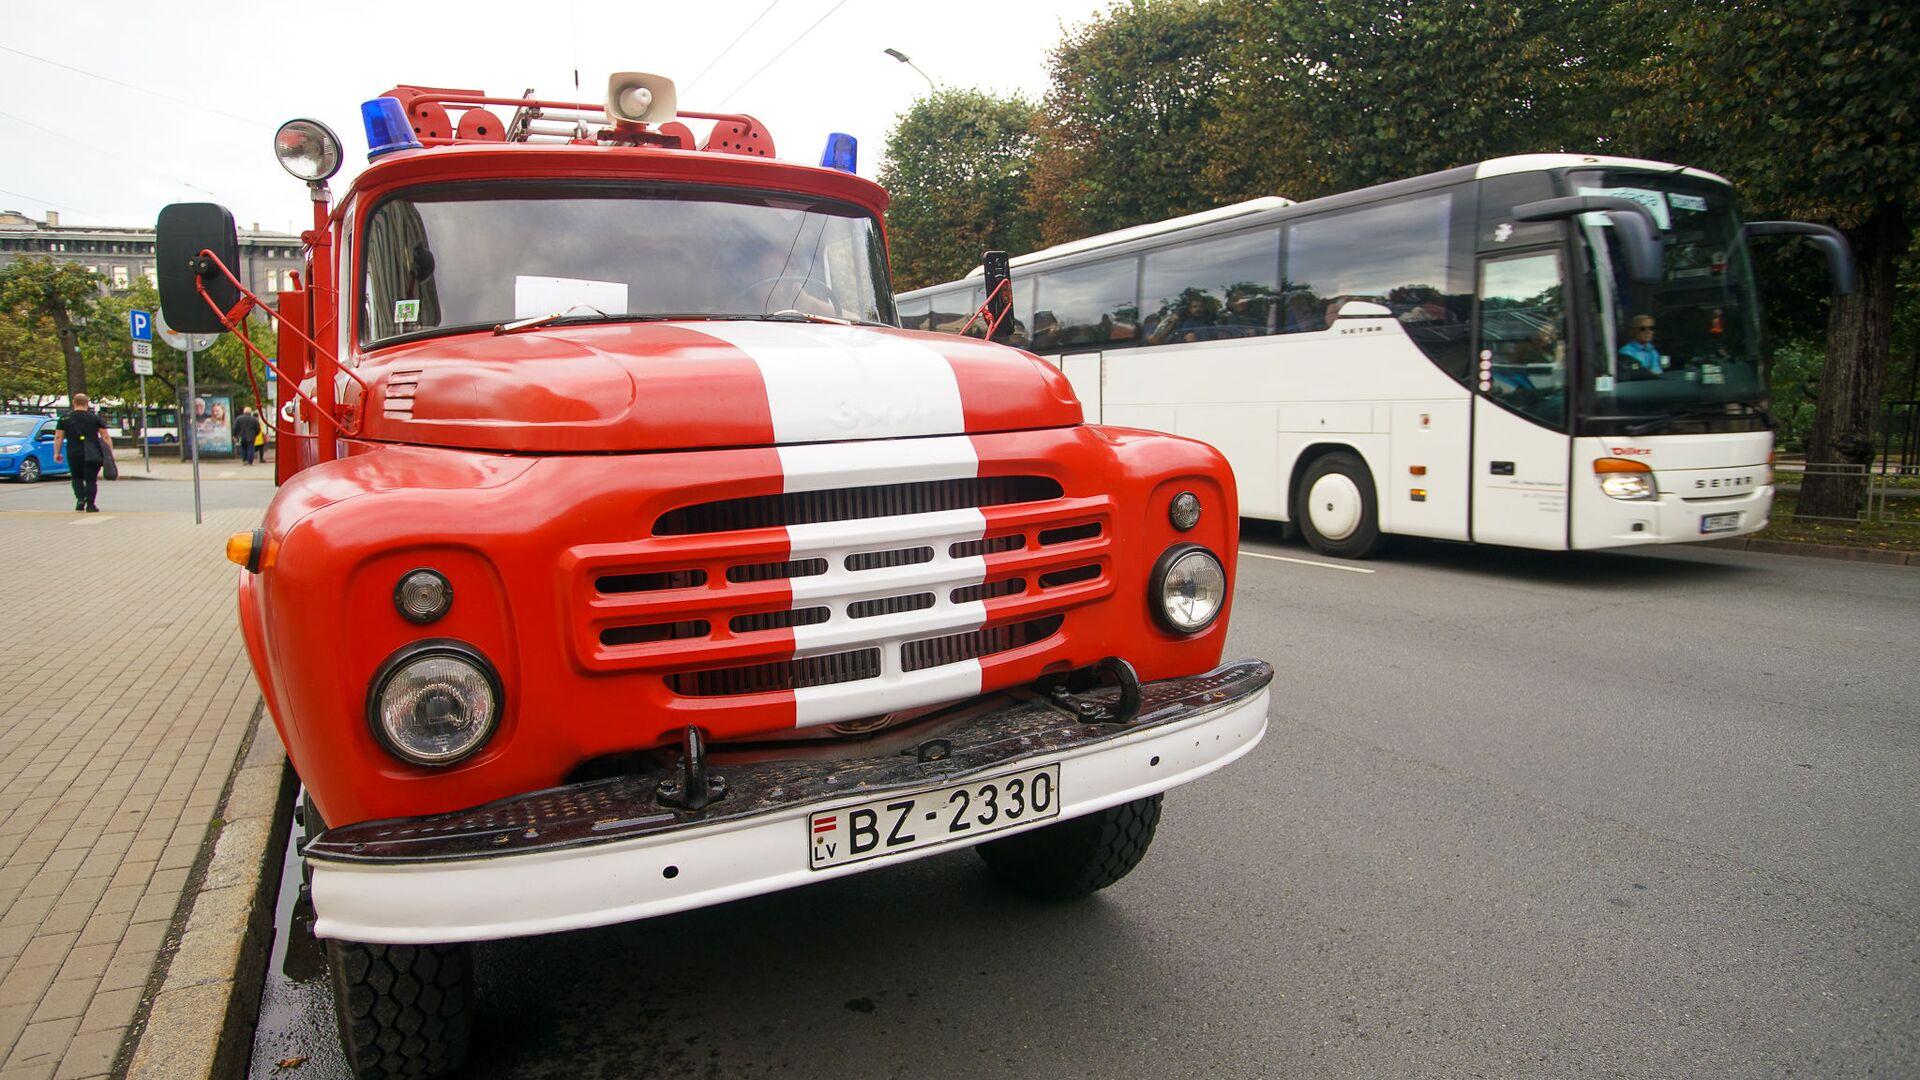 Пожарный автомобиль из Юрмалы 1984 года выпуска - Sputnik Латвия, 1920, 28.09.2021